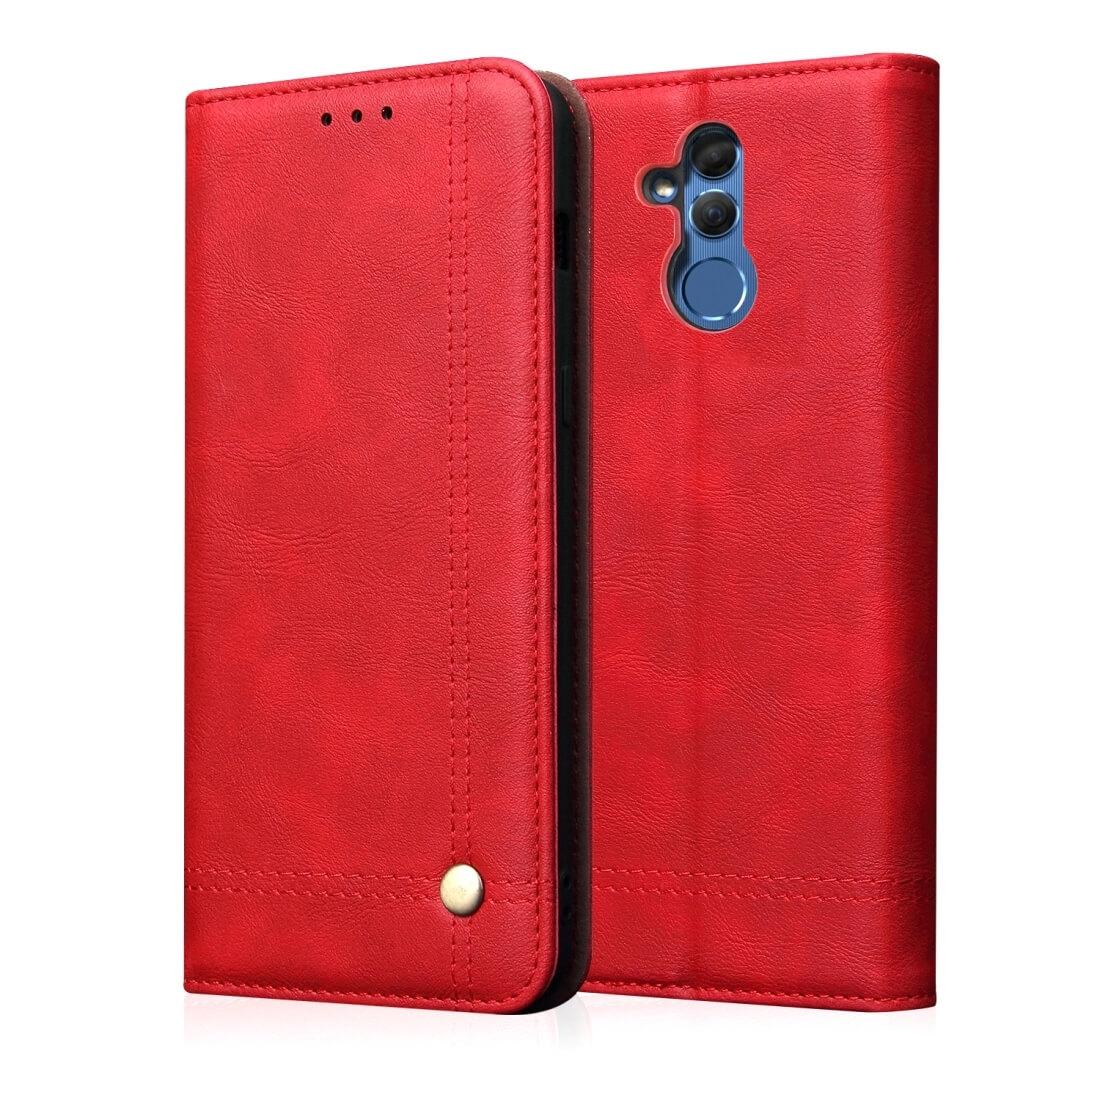 FORCELL PRESTIGE Peňaženkový obal Huawei Mate 20 Lite červený